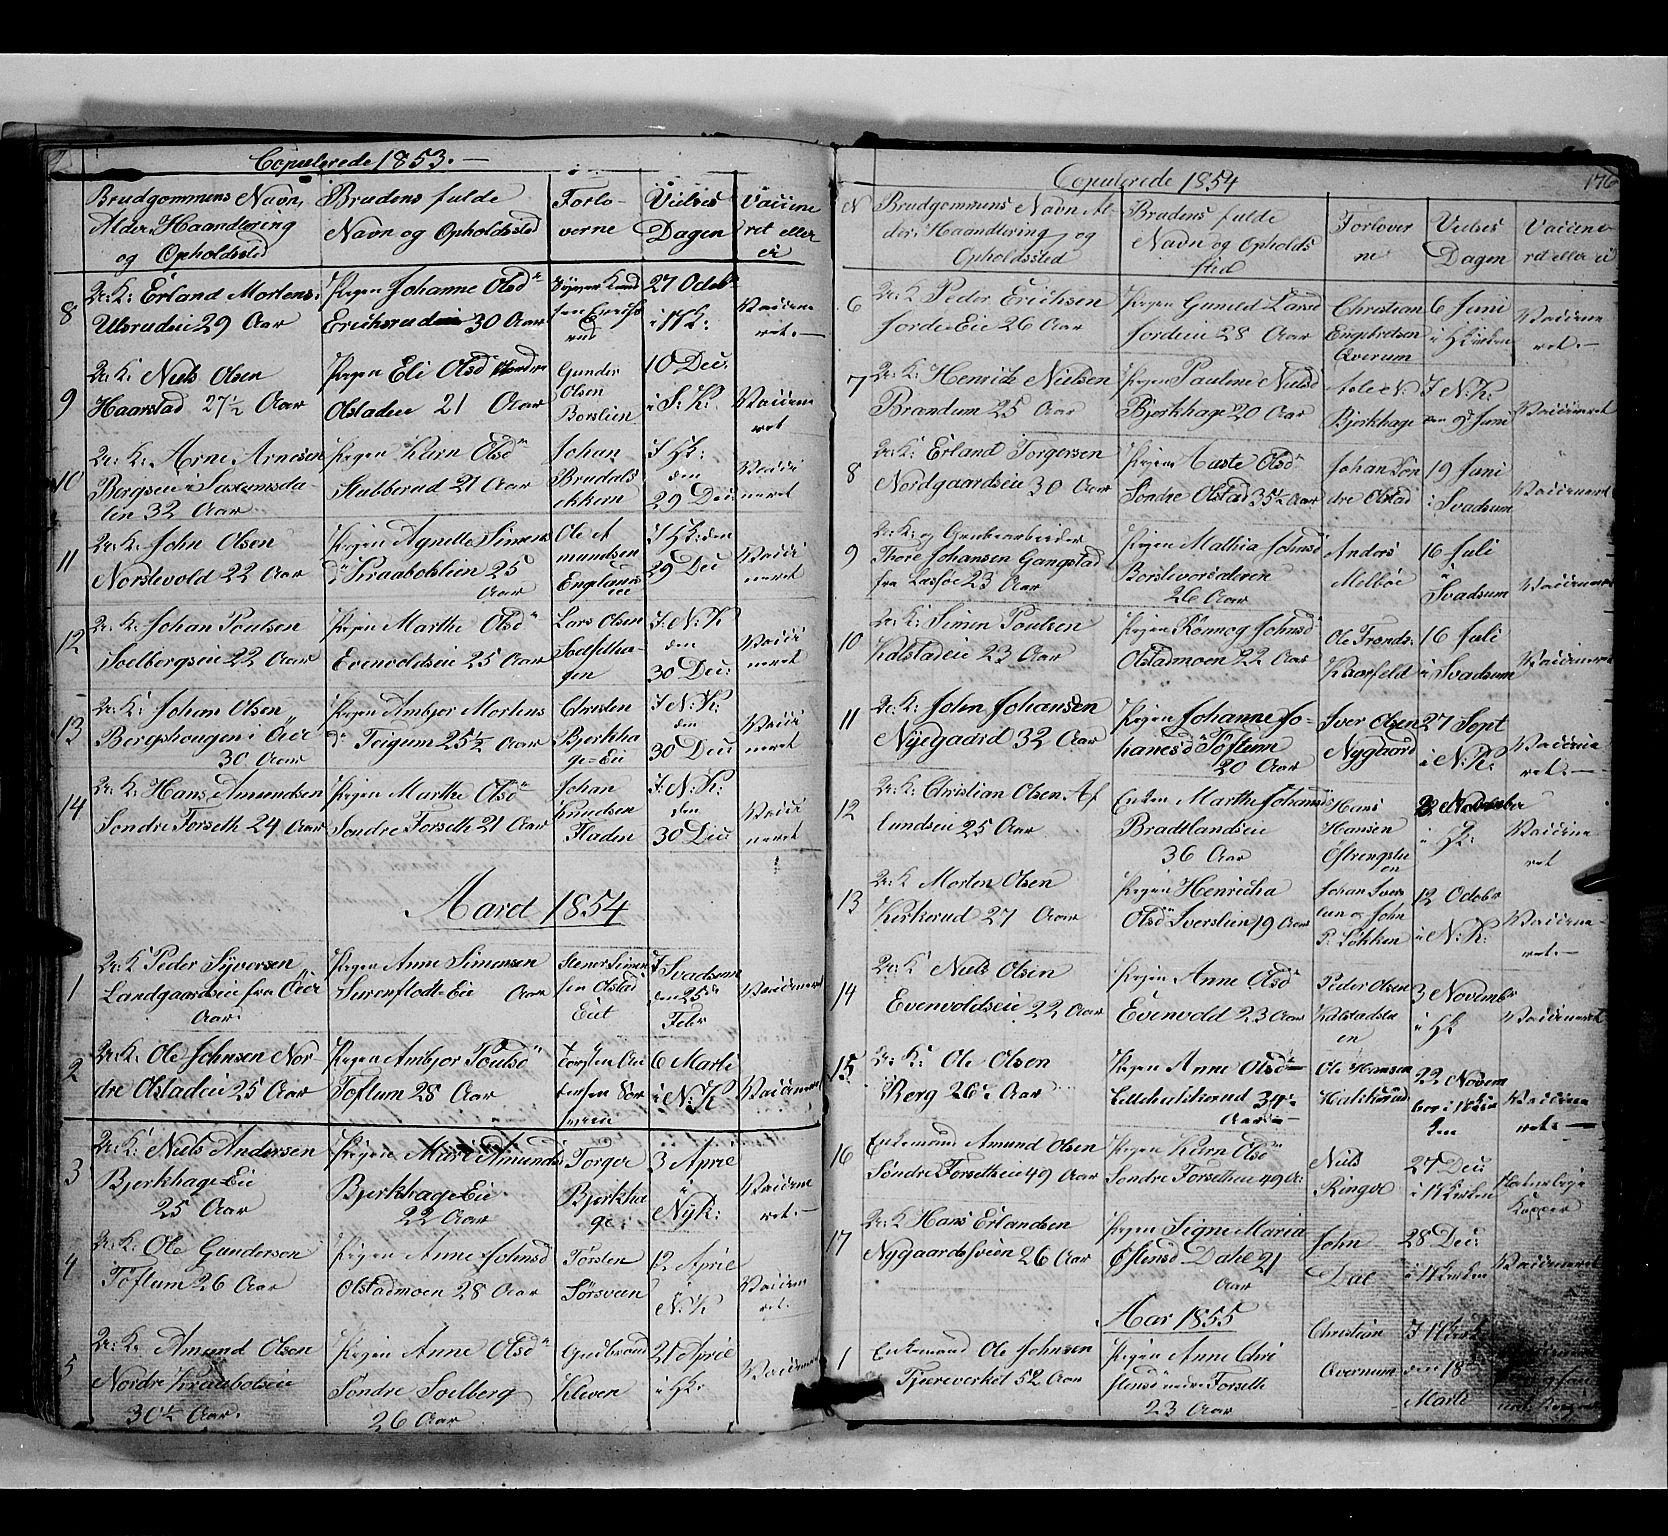 SAH, Gausdal prestekontor, Klokkerbok nr. 5, 1846-1867, s. 176